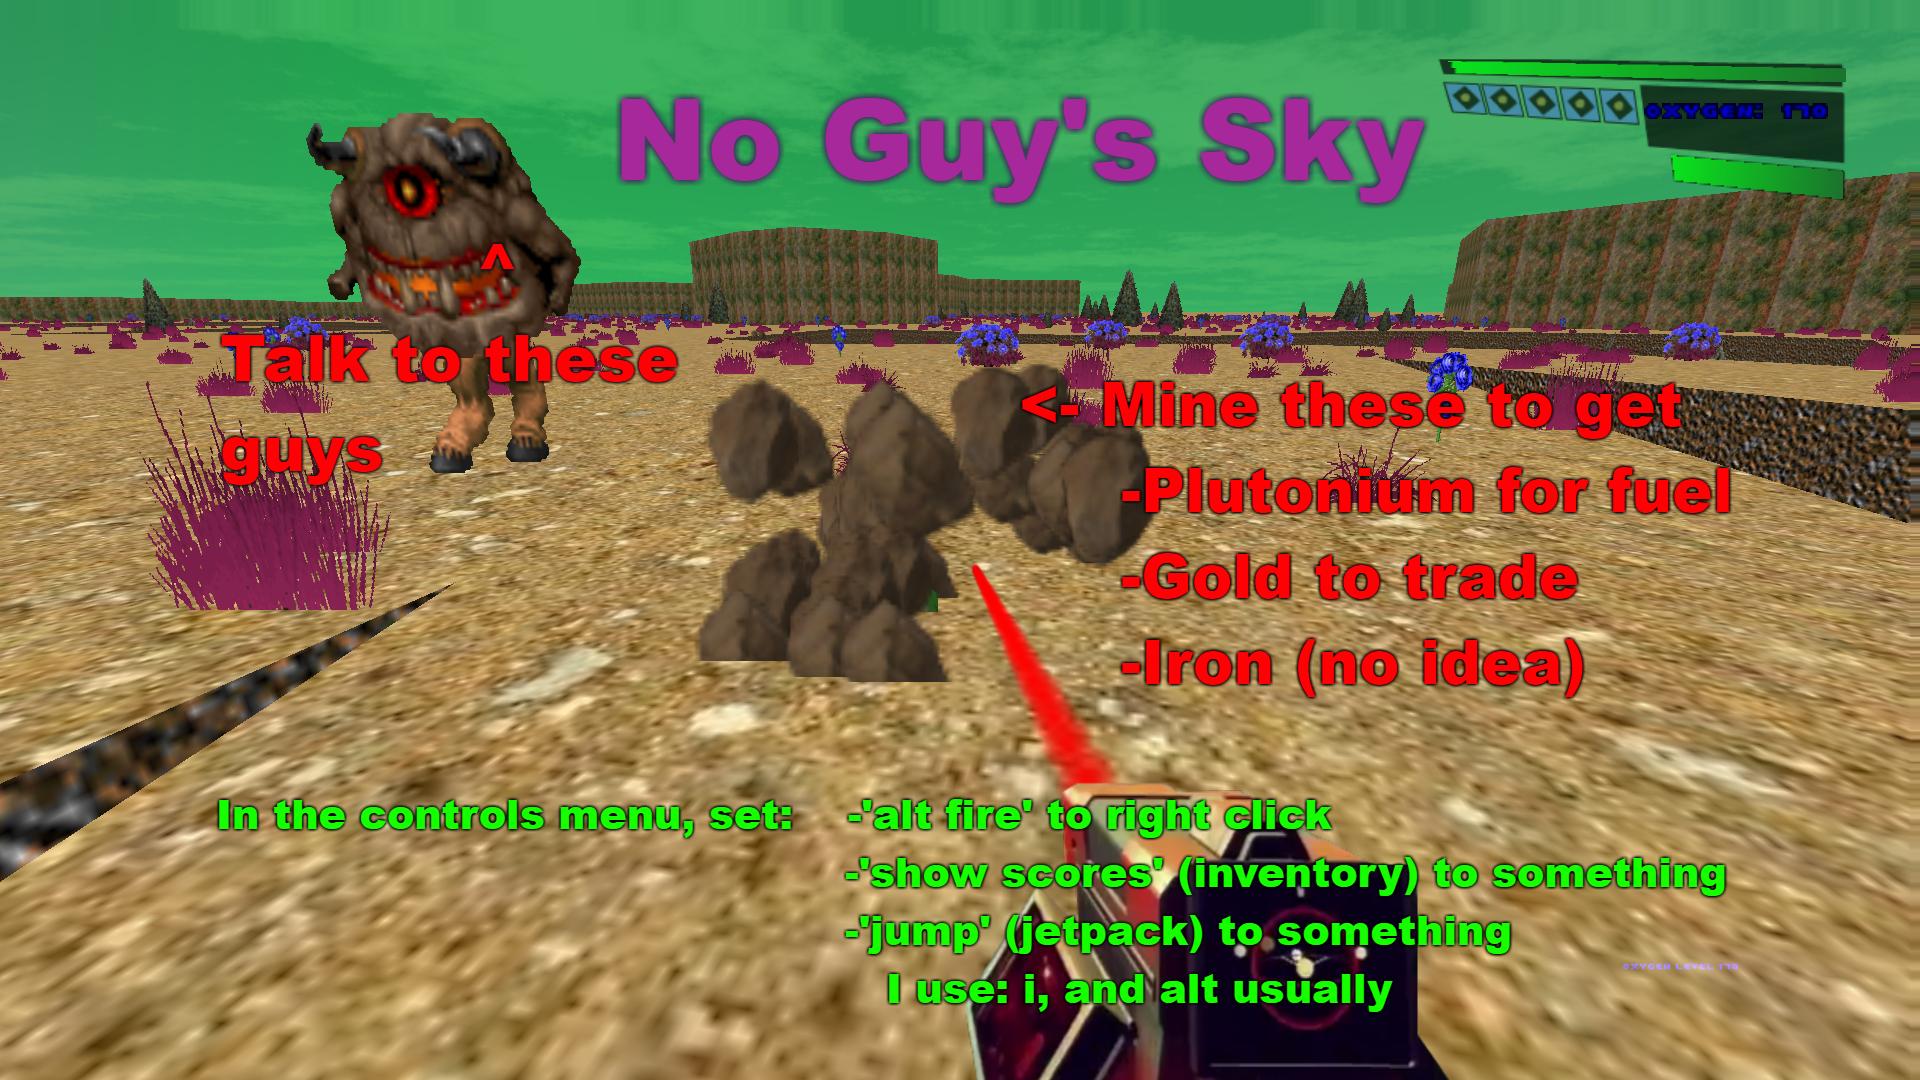 Шокирующие новости о No Man's Sky! Игру можно скачать бисплатна! - Изображение 5